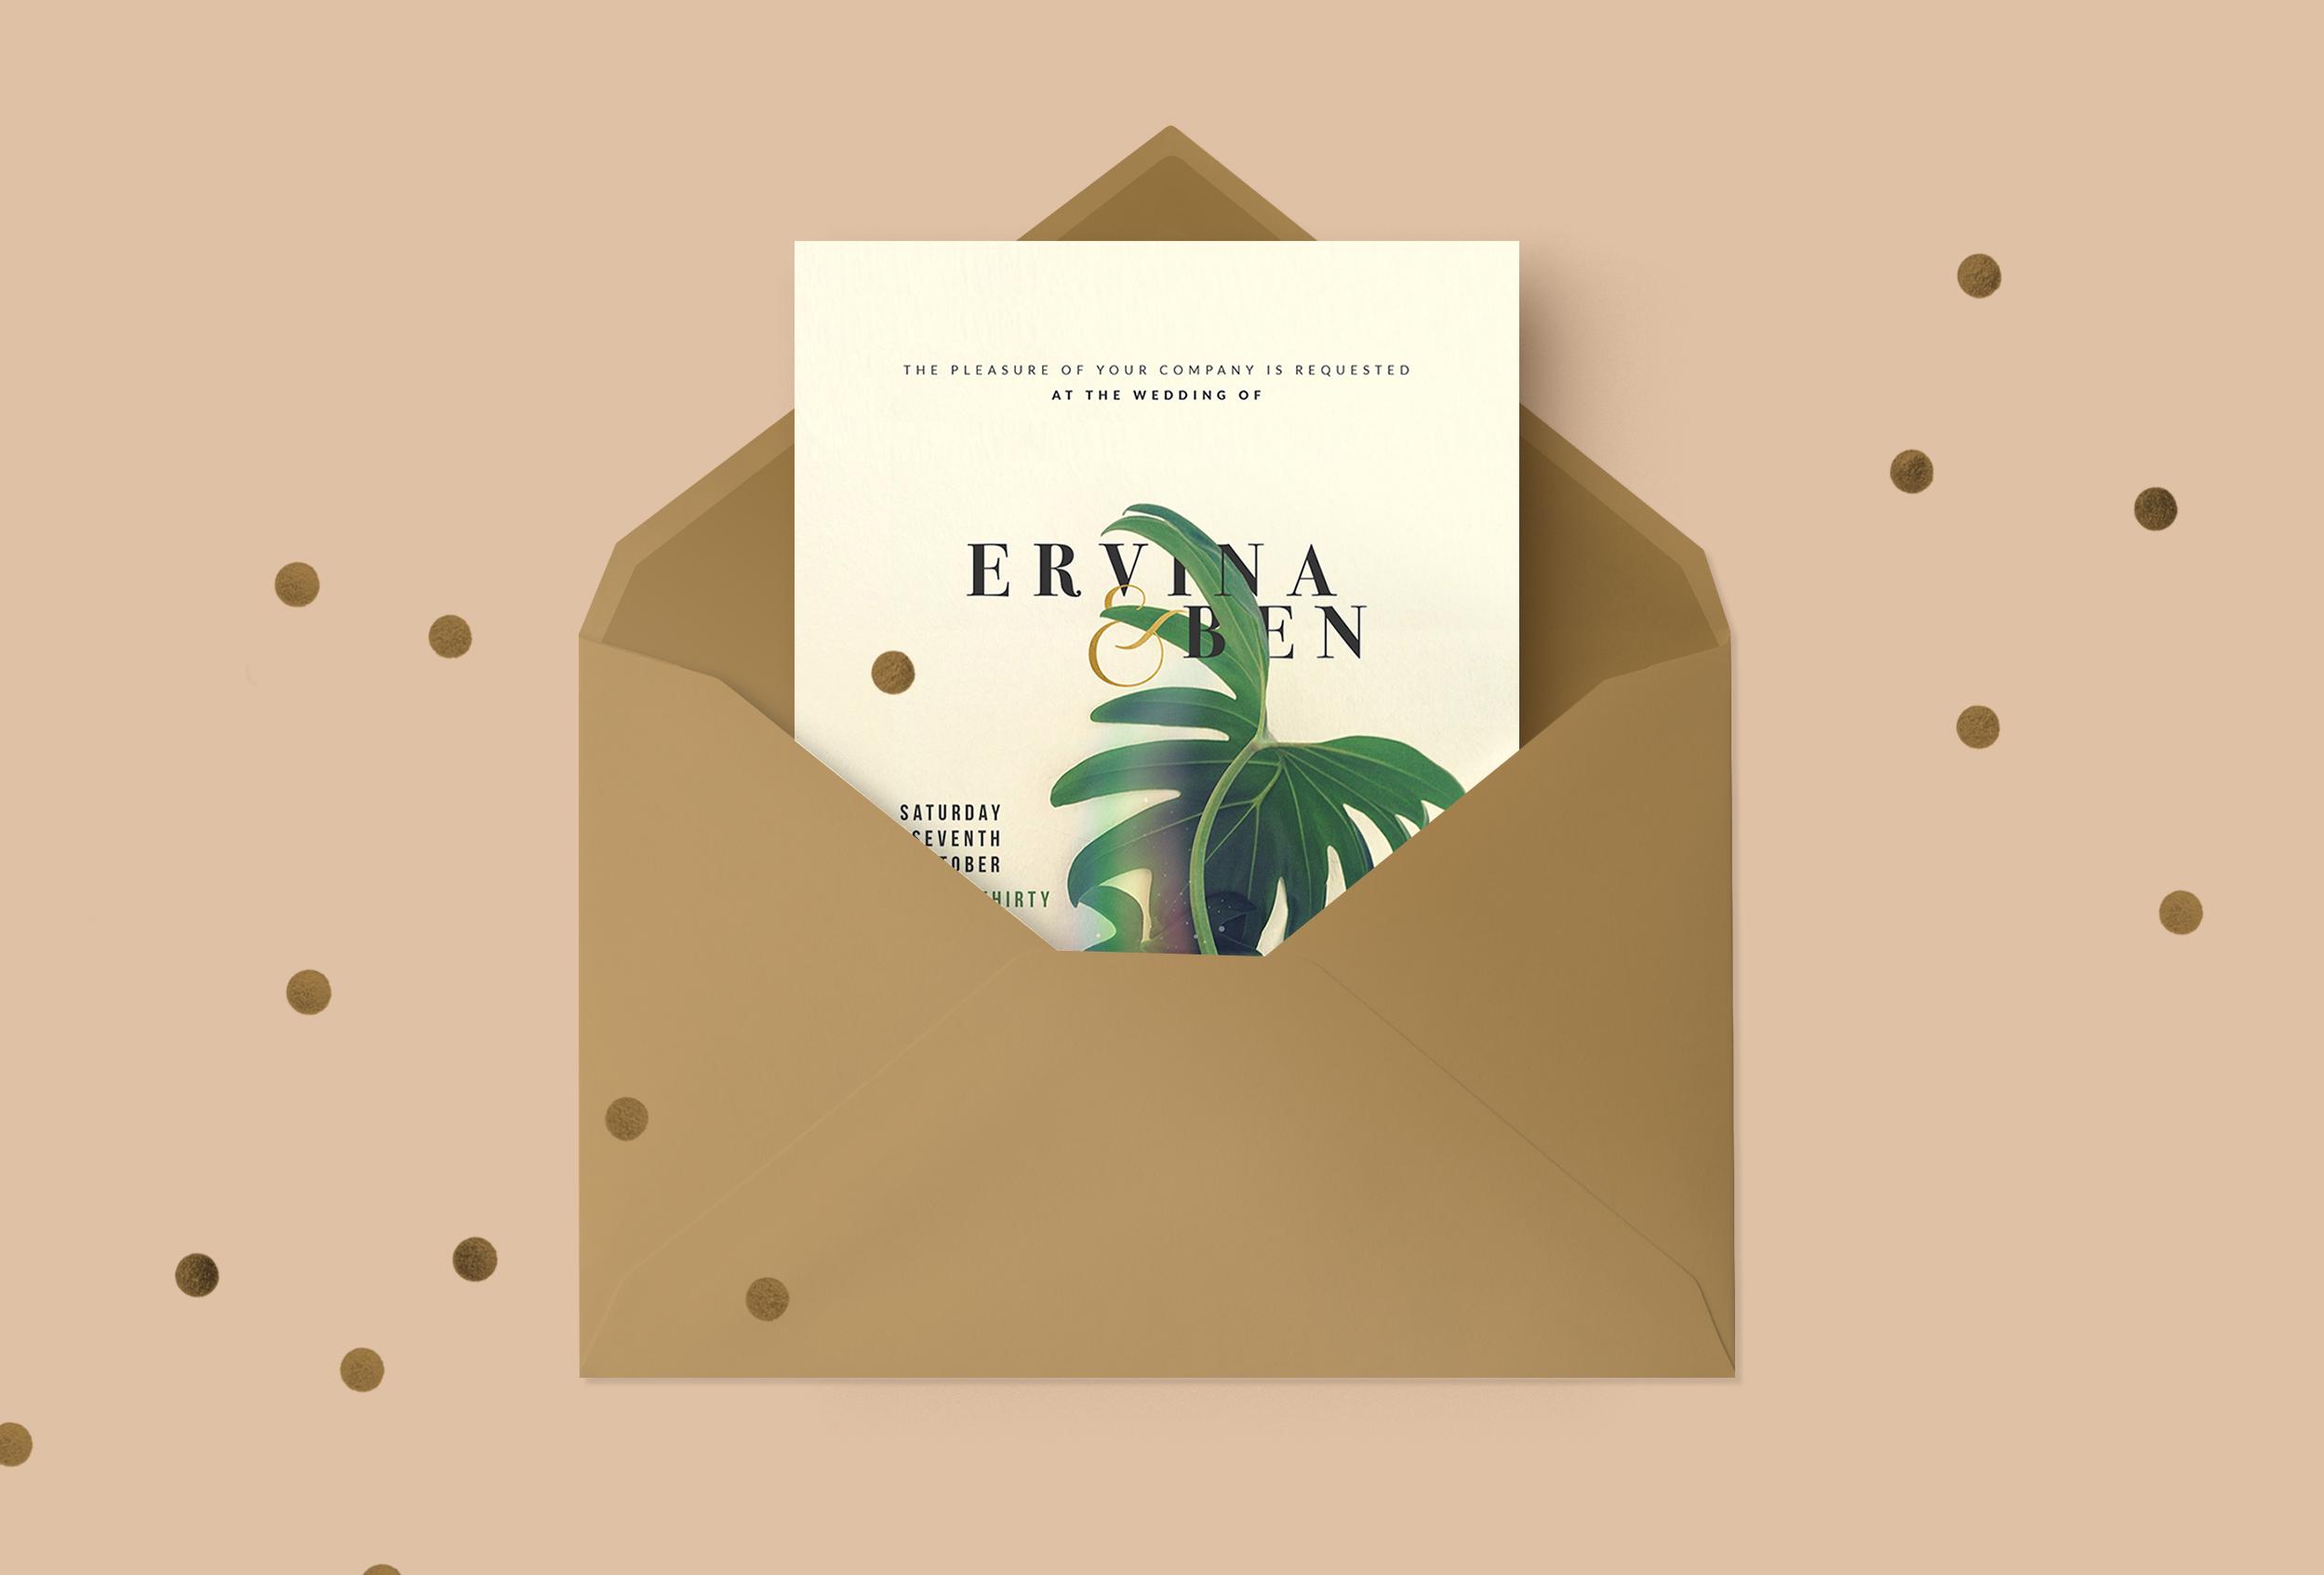 Ervina and Ben invitation 1 confetti.jpg